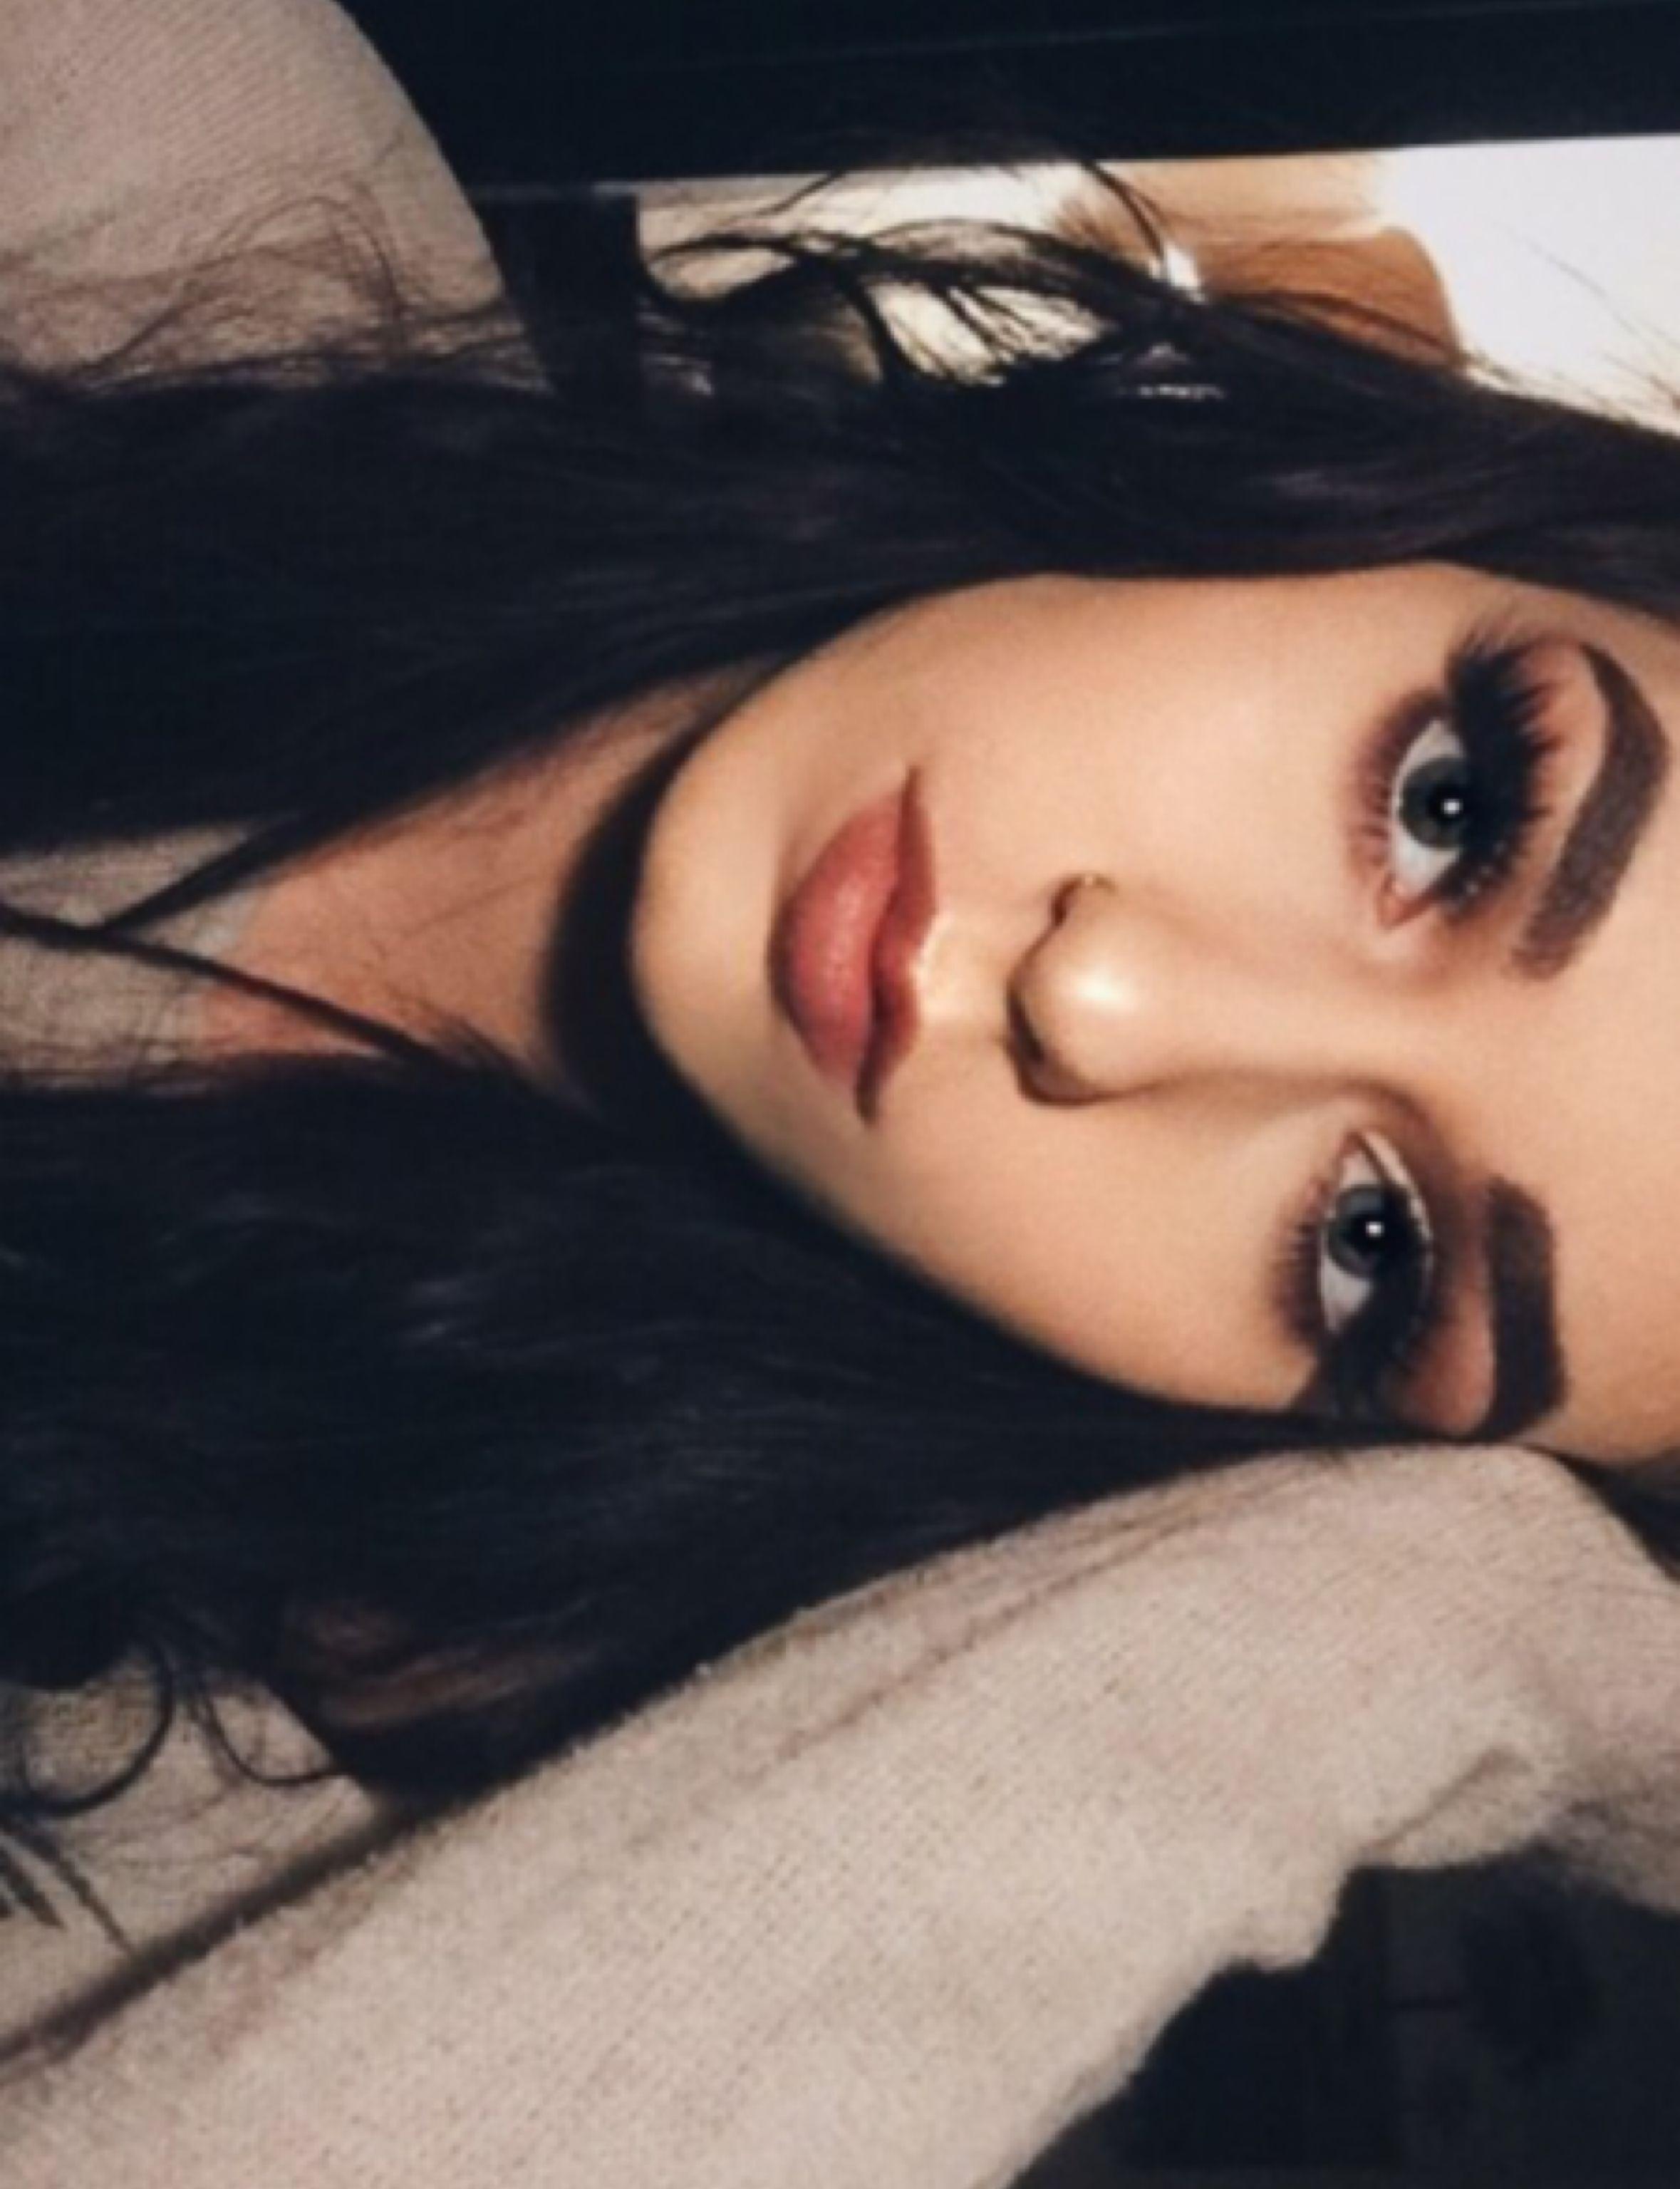 I love makeup. Follow me on instagram! @ vodkacidx